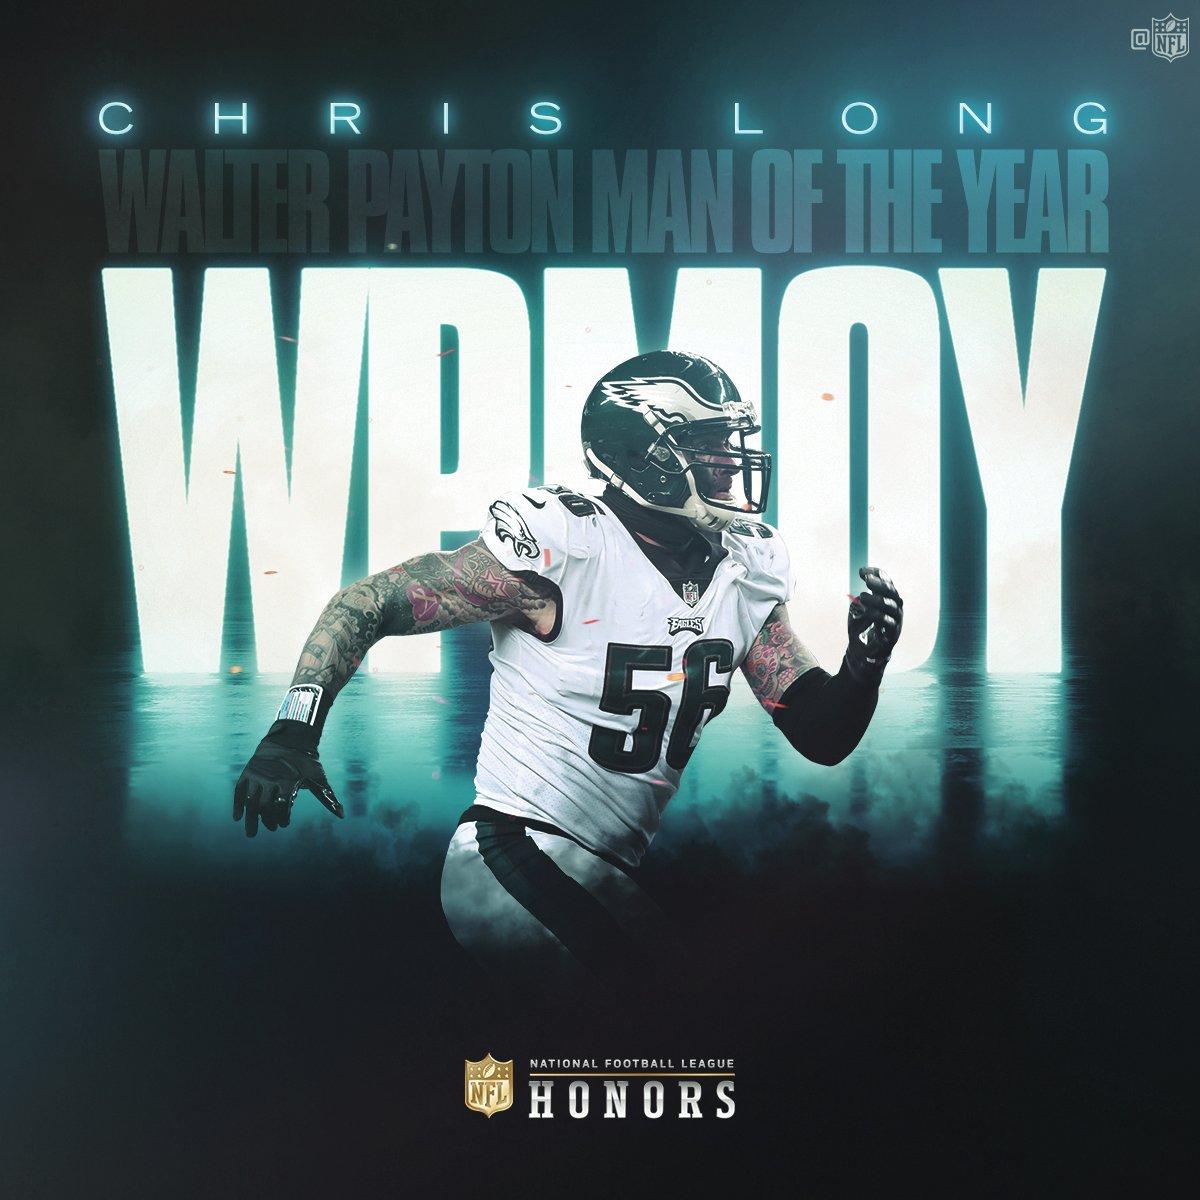 Walter Payton Man of The Year: Chris Long